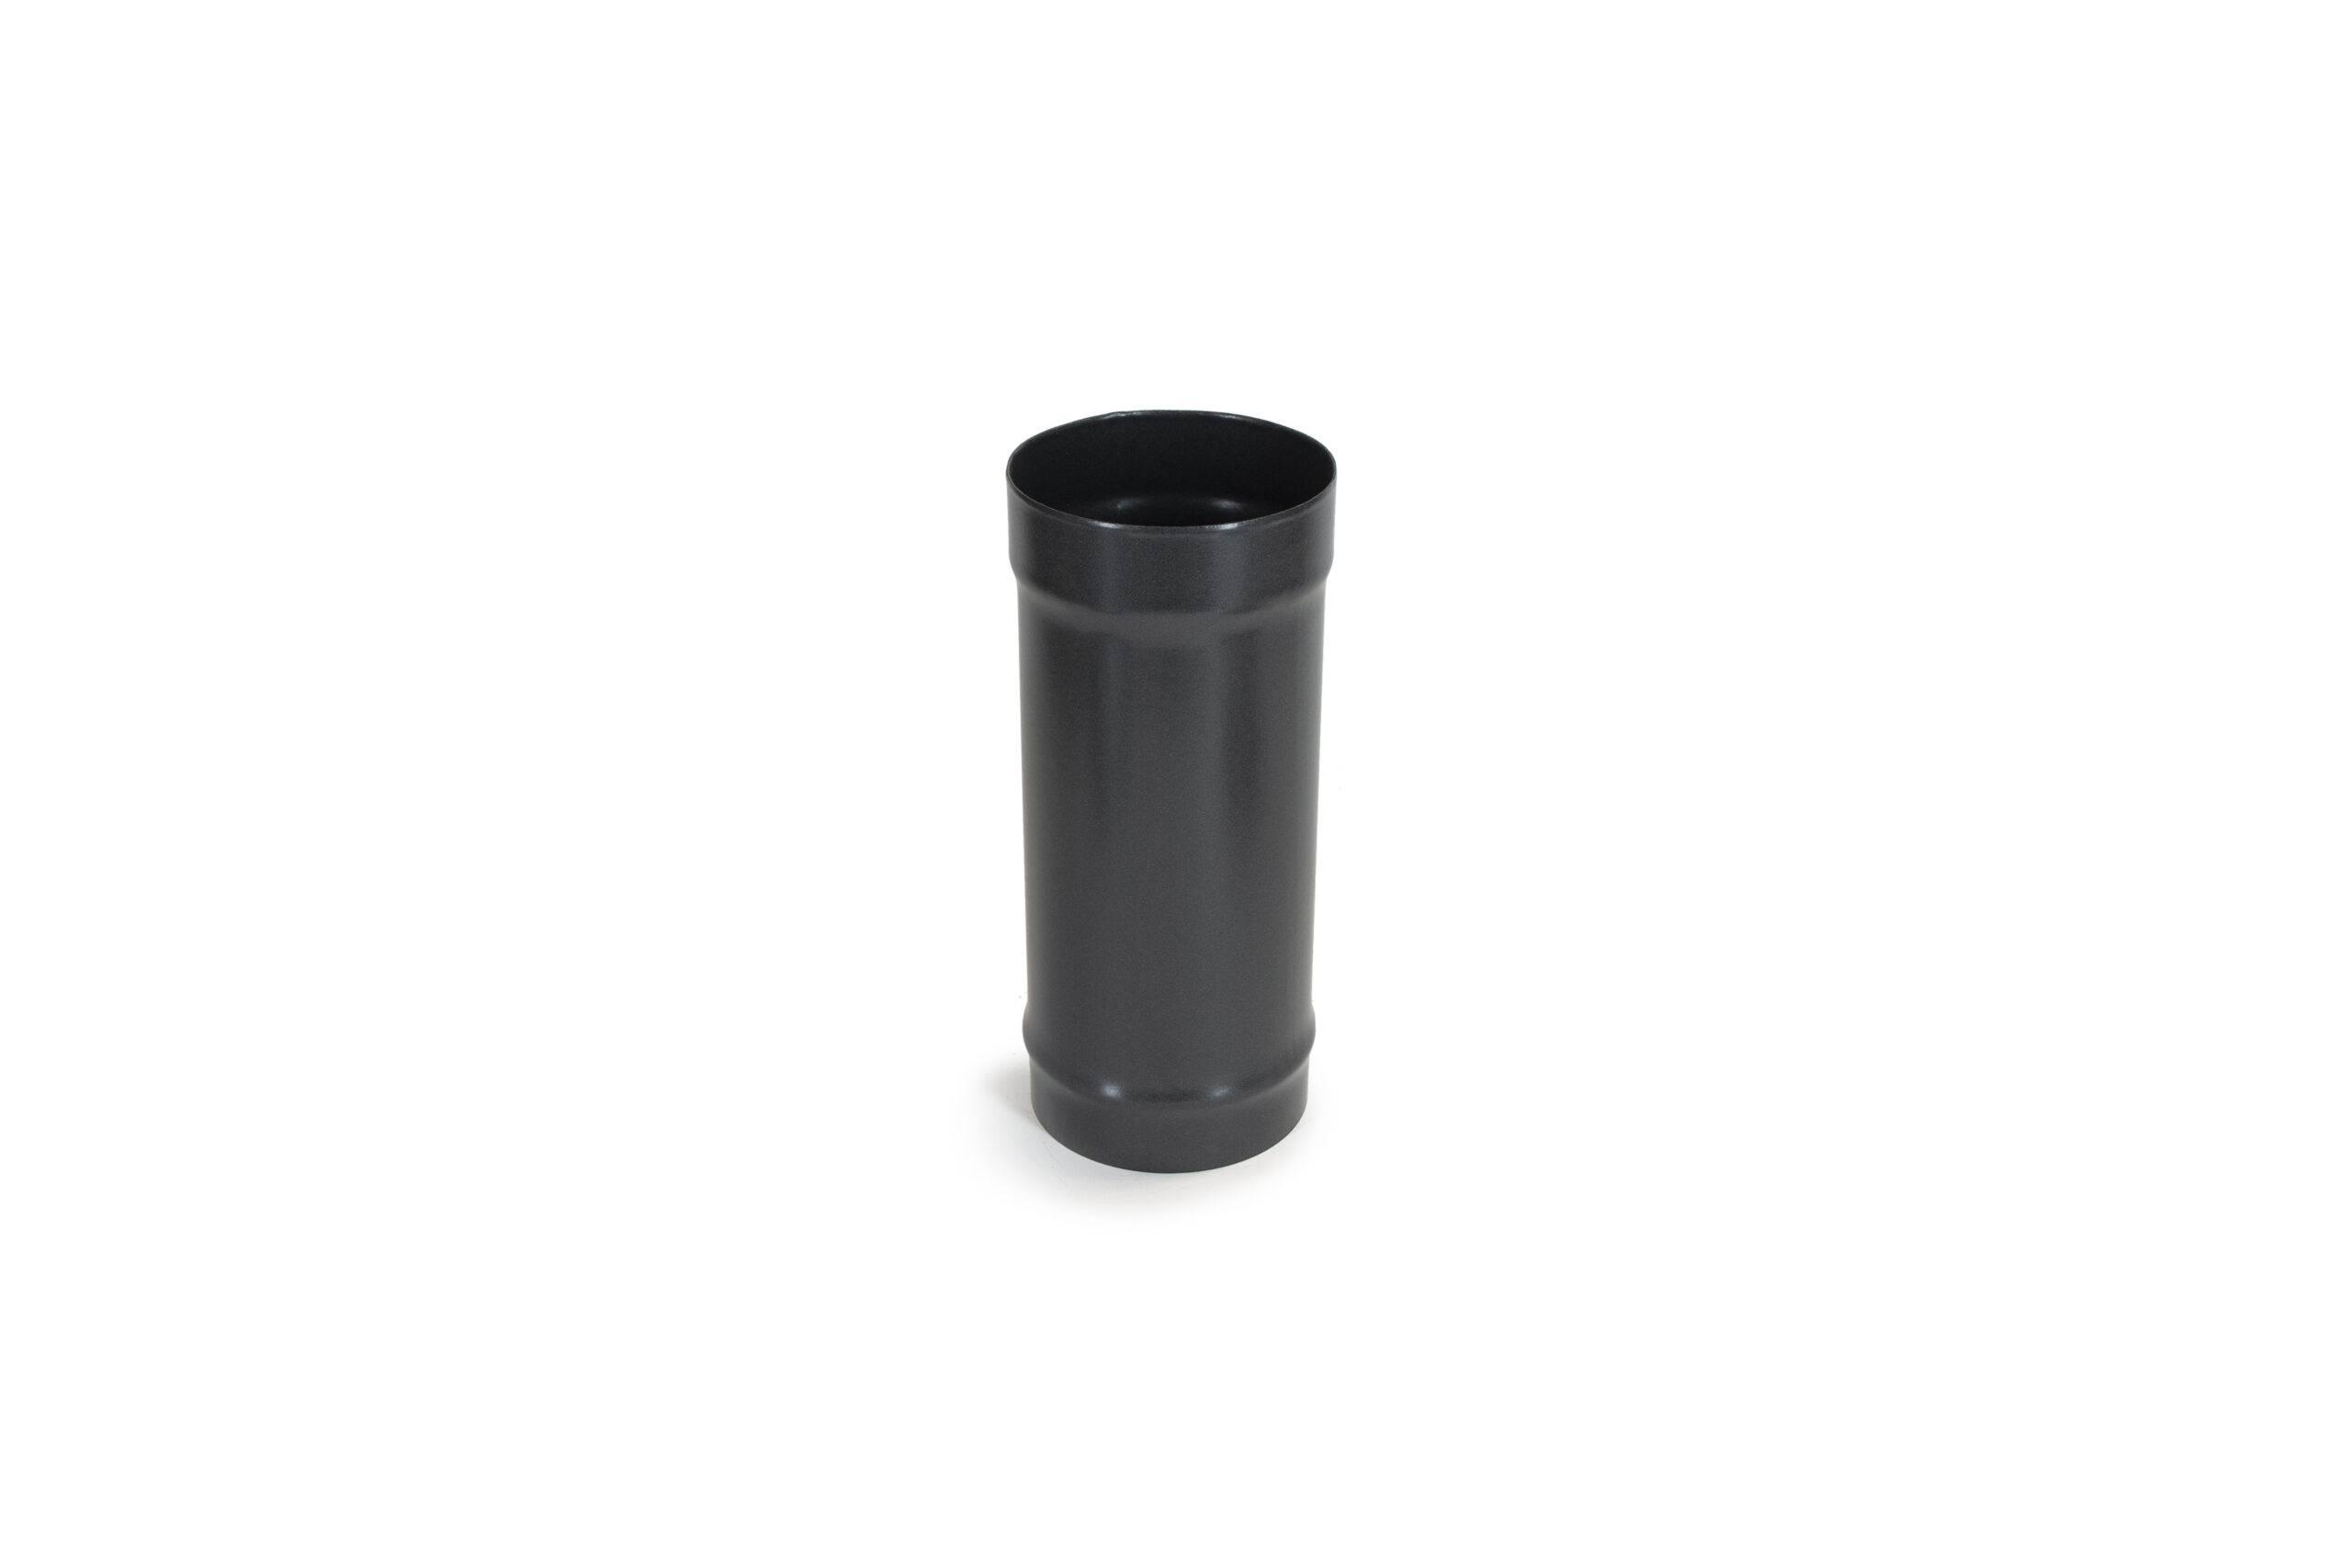 300mm (1ft) Length Pipe - Vitreous Enamel Flue Pipe - Matt Black